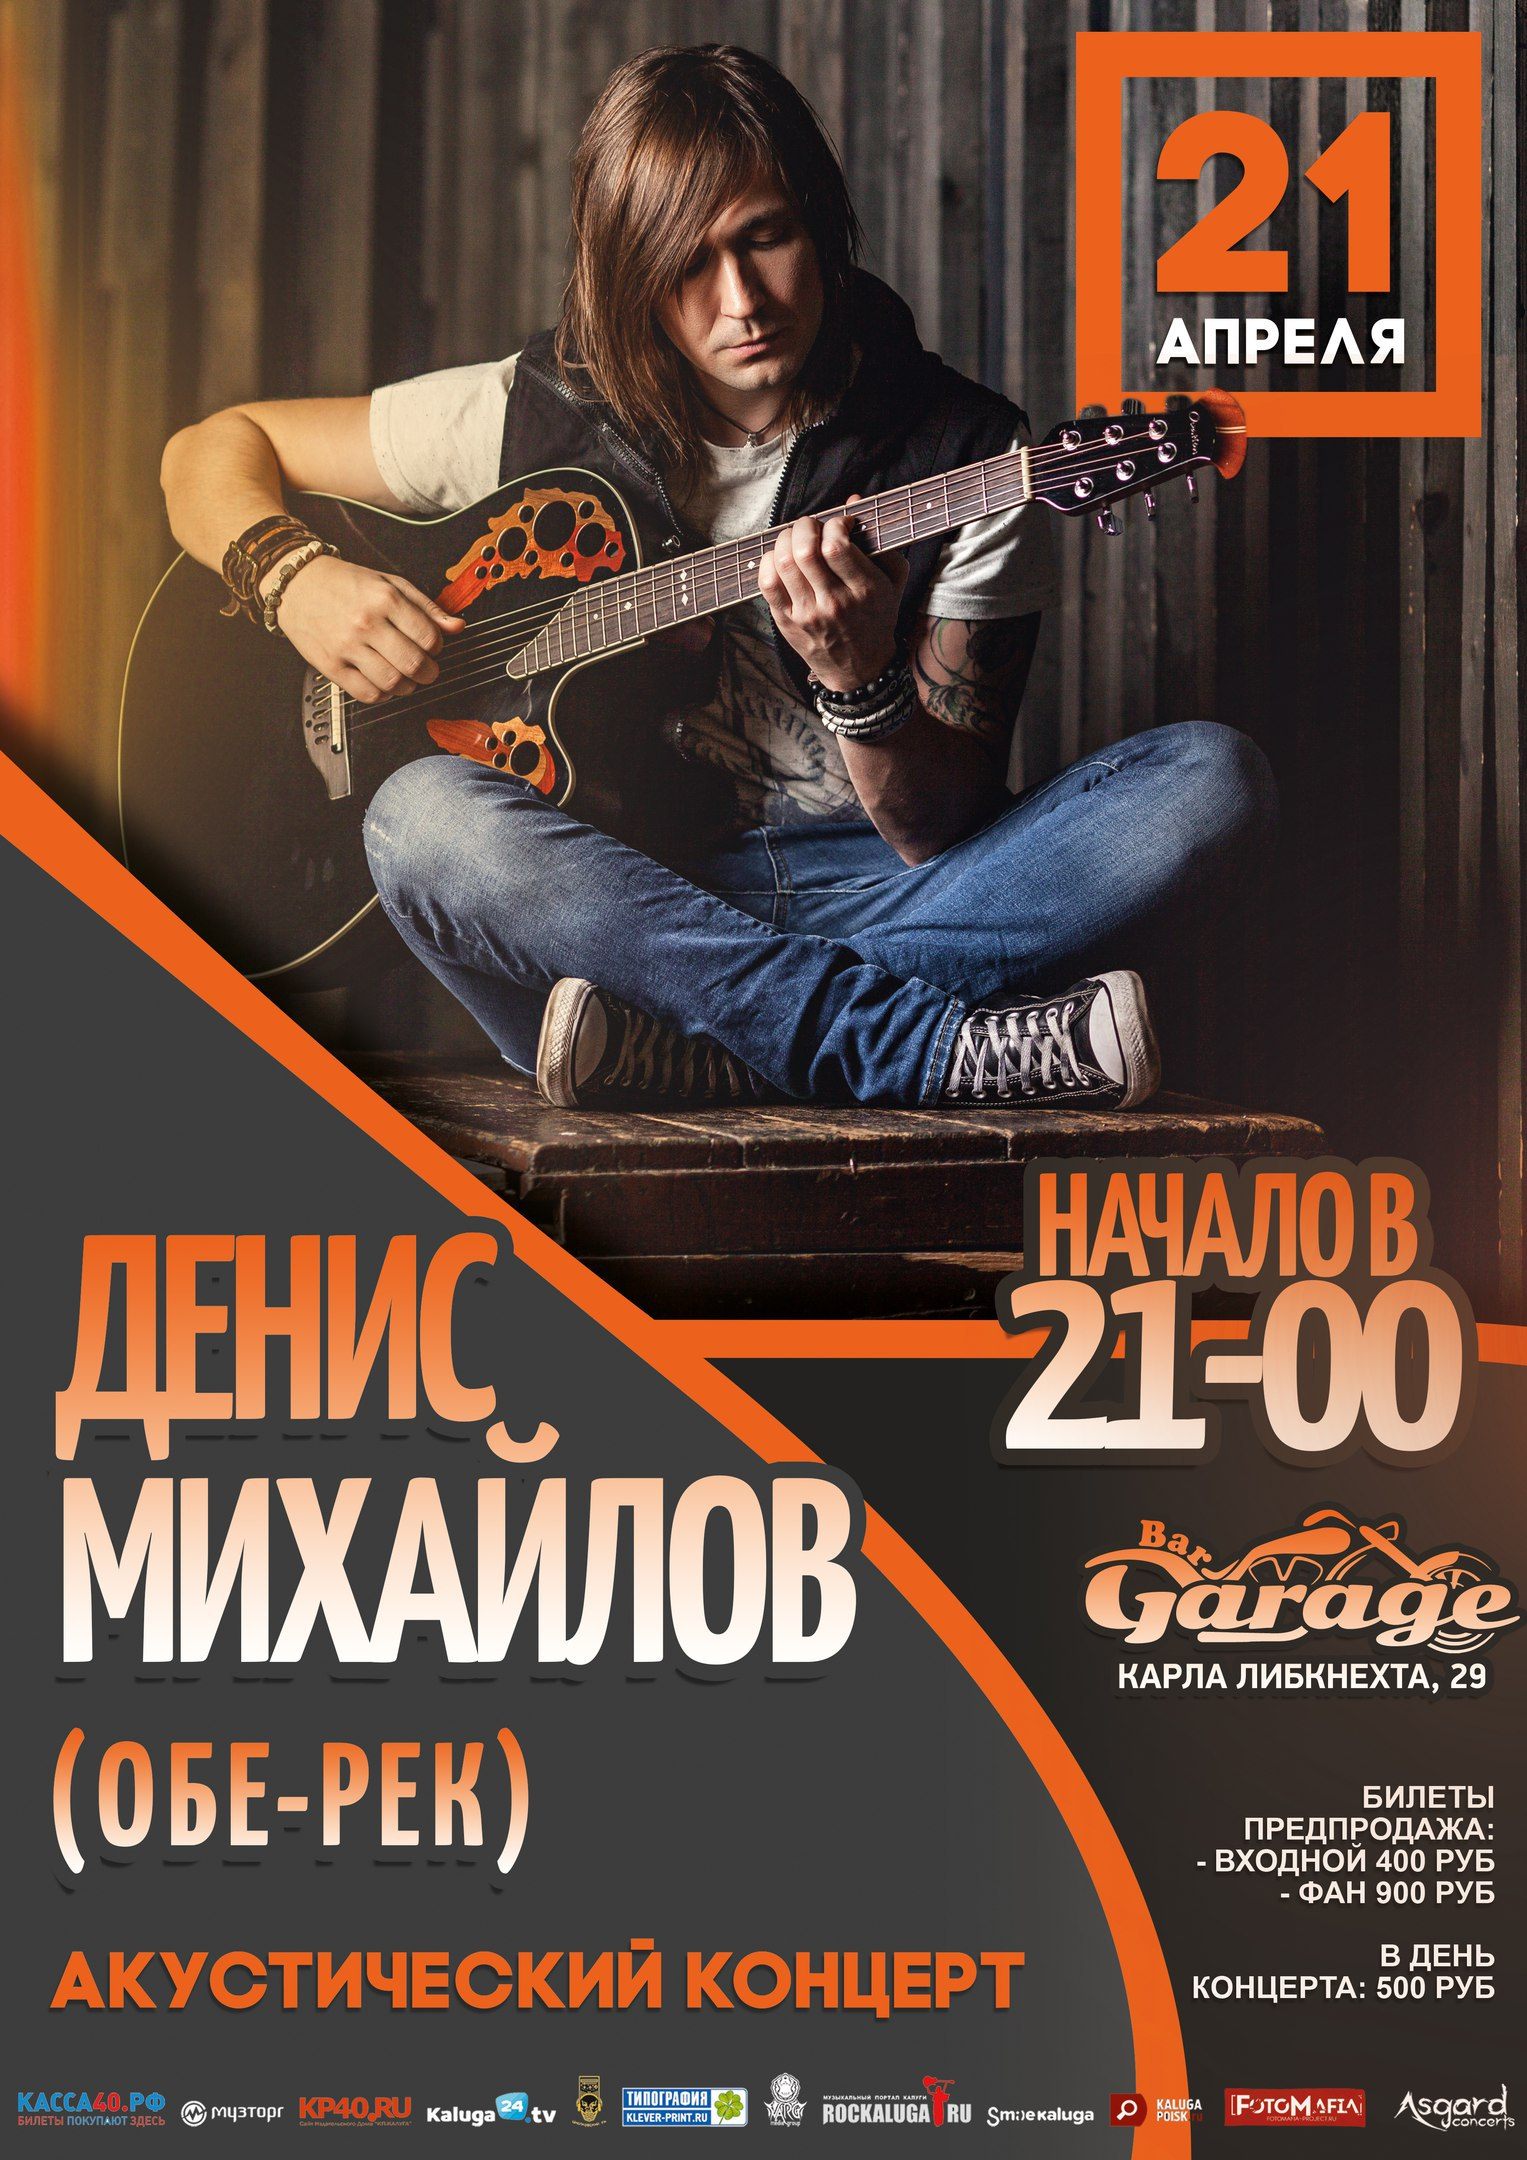 Денис Михайлов. Bar Garage